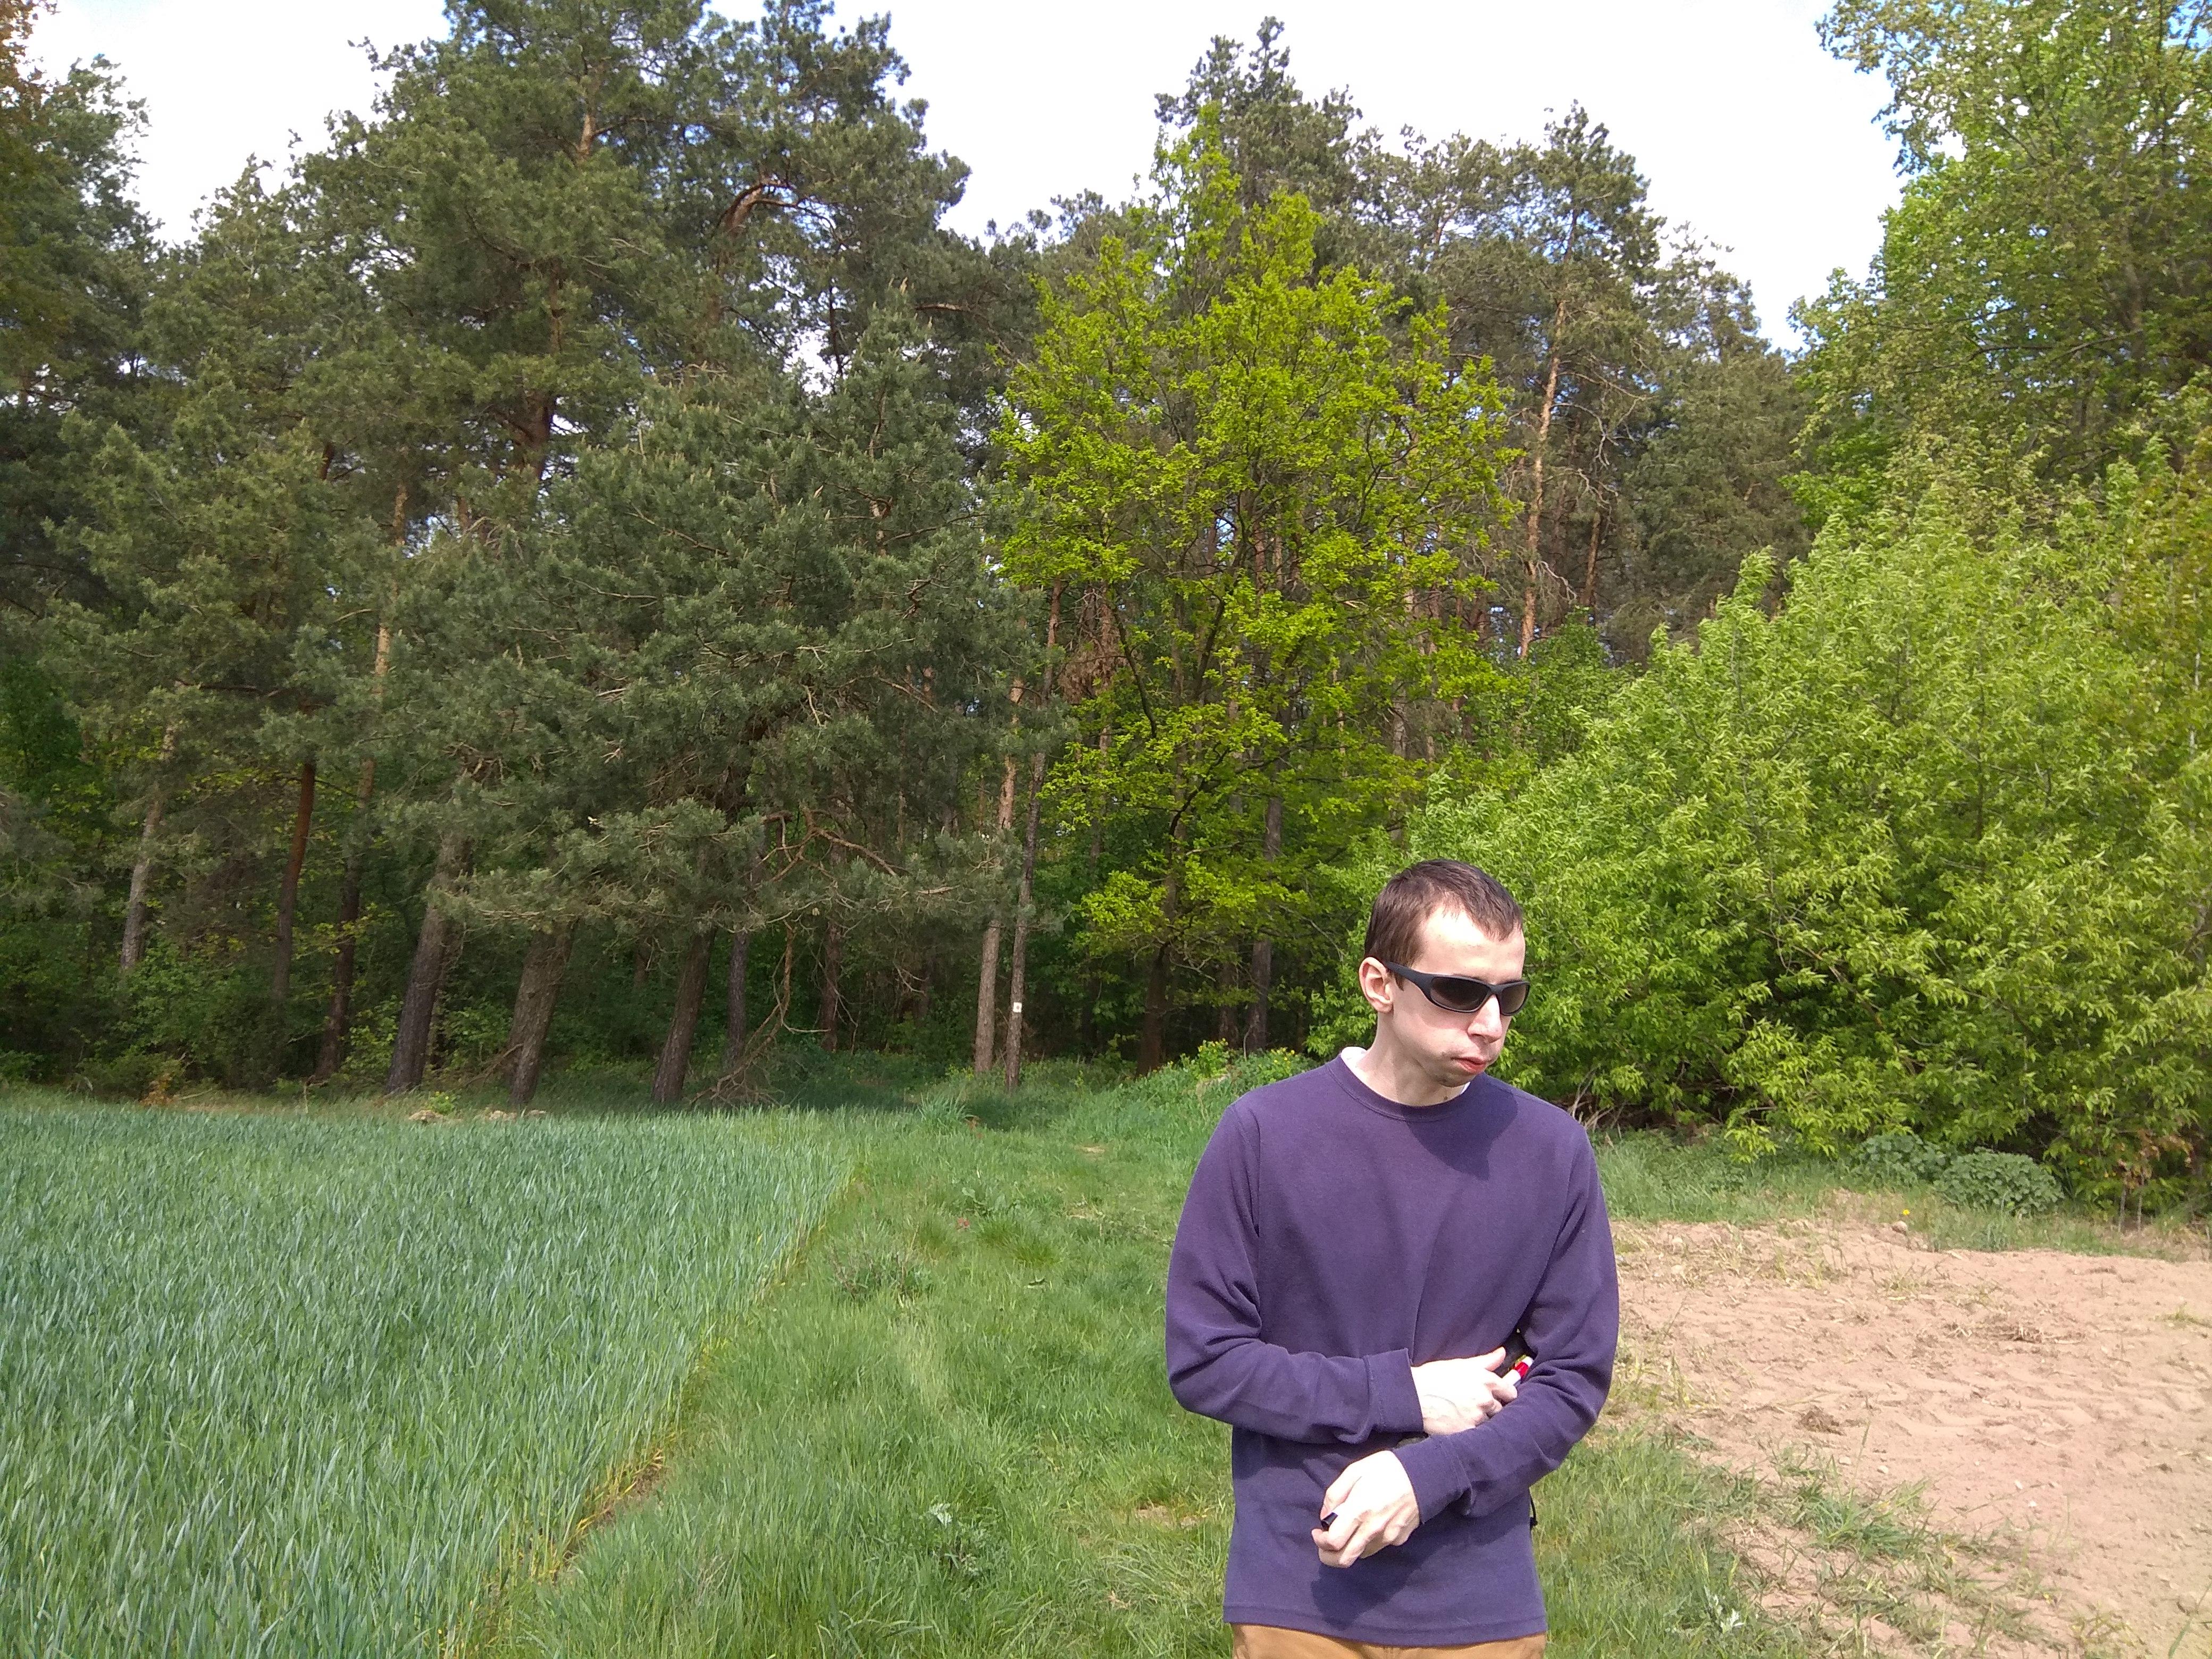 Młody brunet, w przyciemnianych okularach i granatowej bluzie na długi rękaw stoi na tle pięknych, liściastych drzew o różnej wysokości.